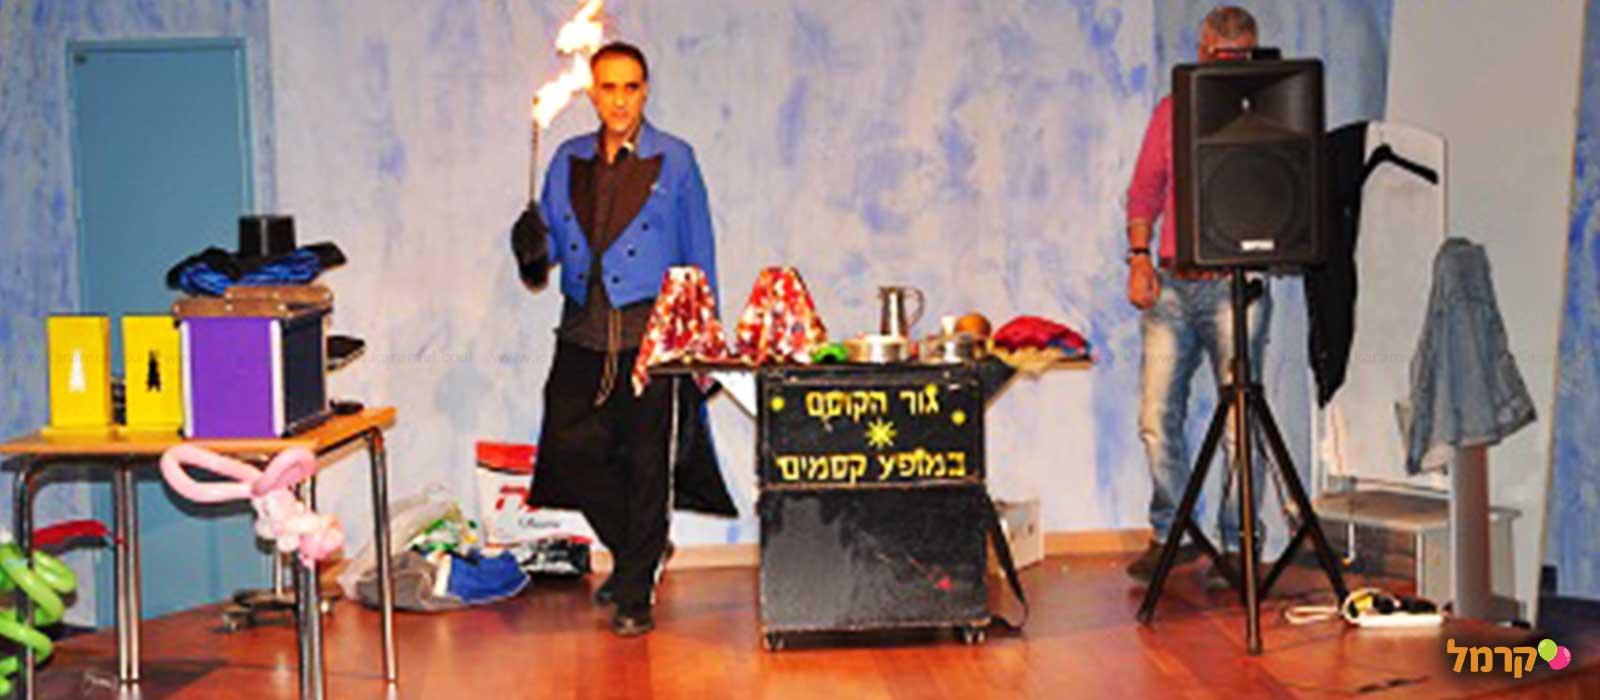 גור הקוסם במופע קסום - 073-7026532